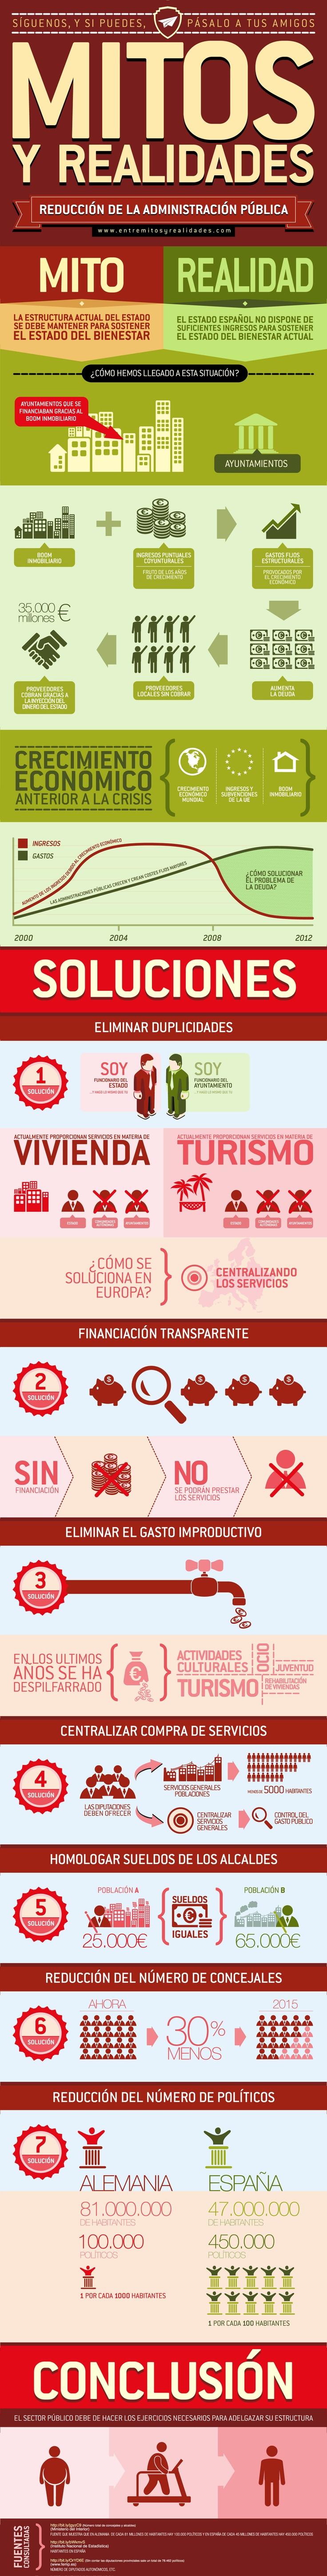 Hemos subido una nueva infografía con algunas de las razones por las cuales es necesario reducir la Administración Pública.